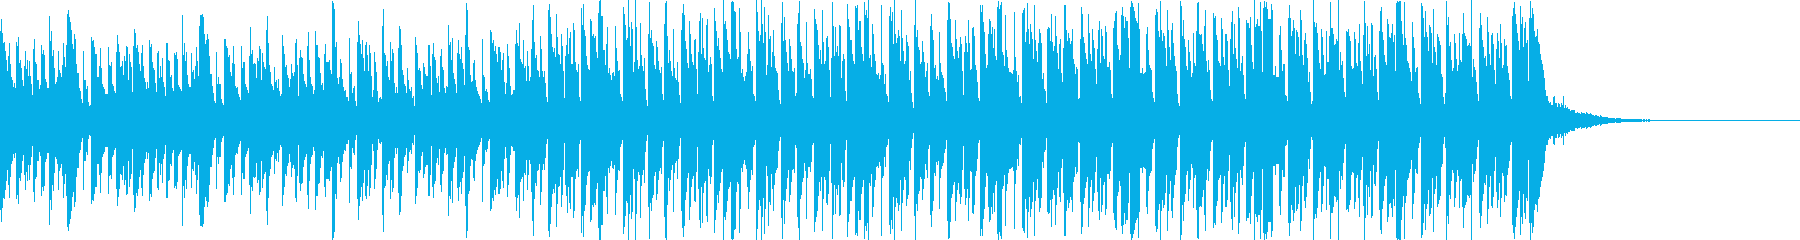 Pf「跳」和風現代ジャズの再生済みの波形